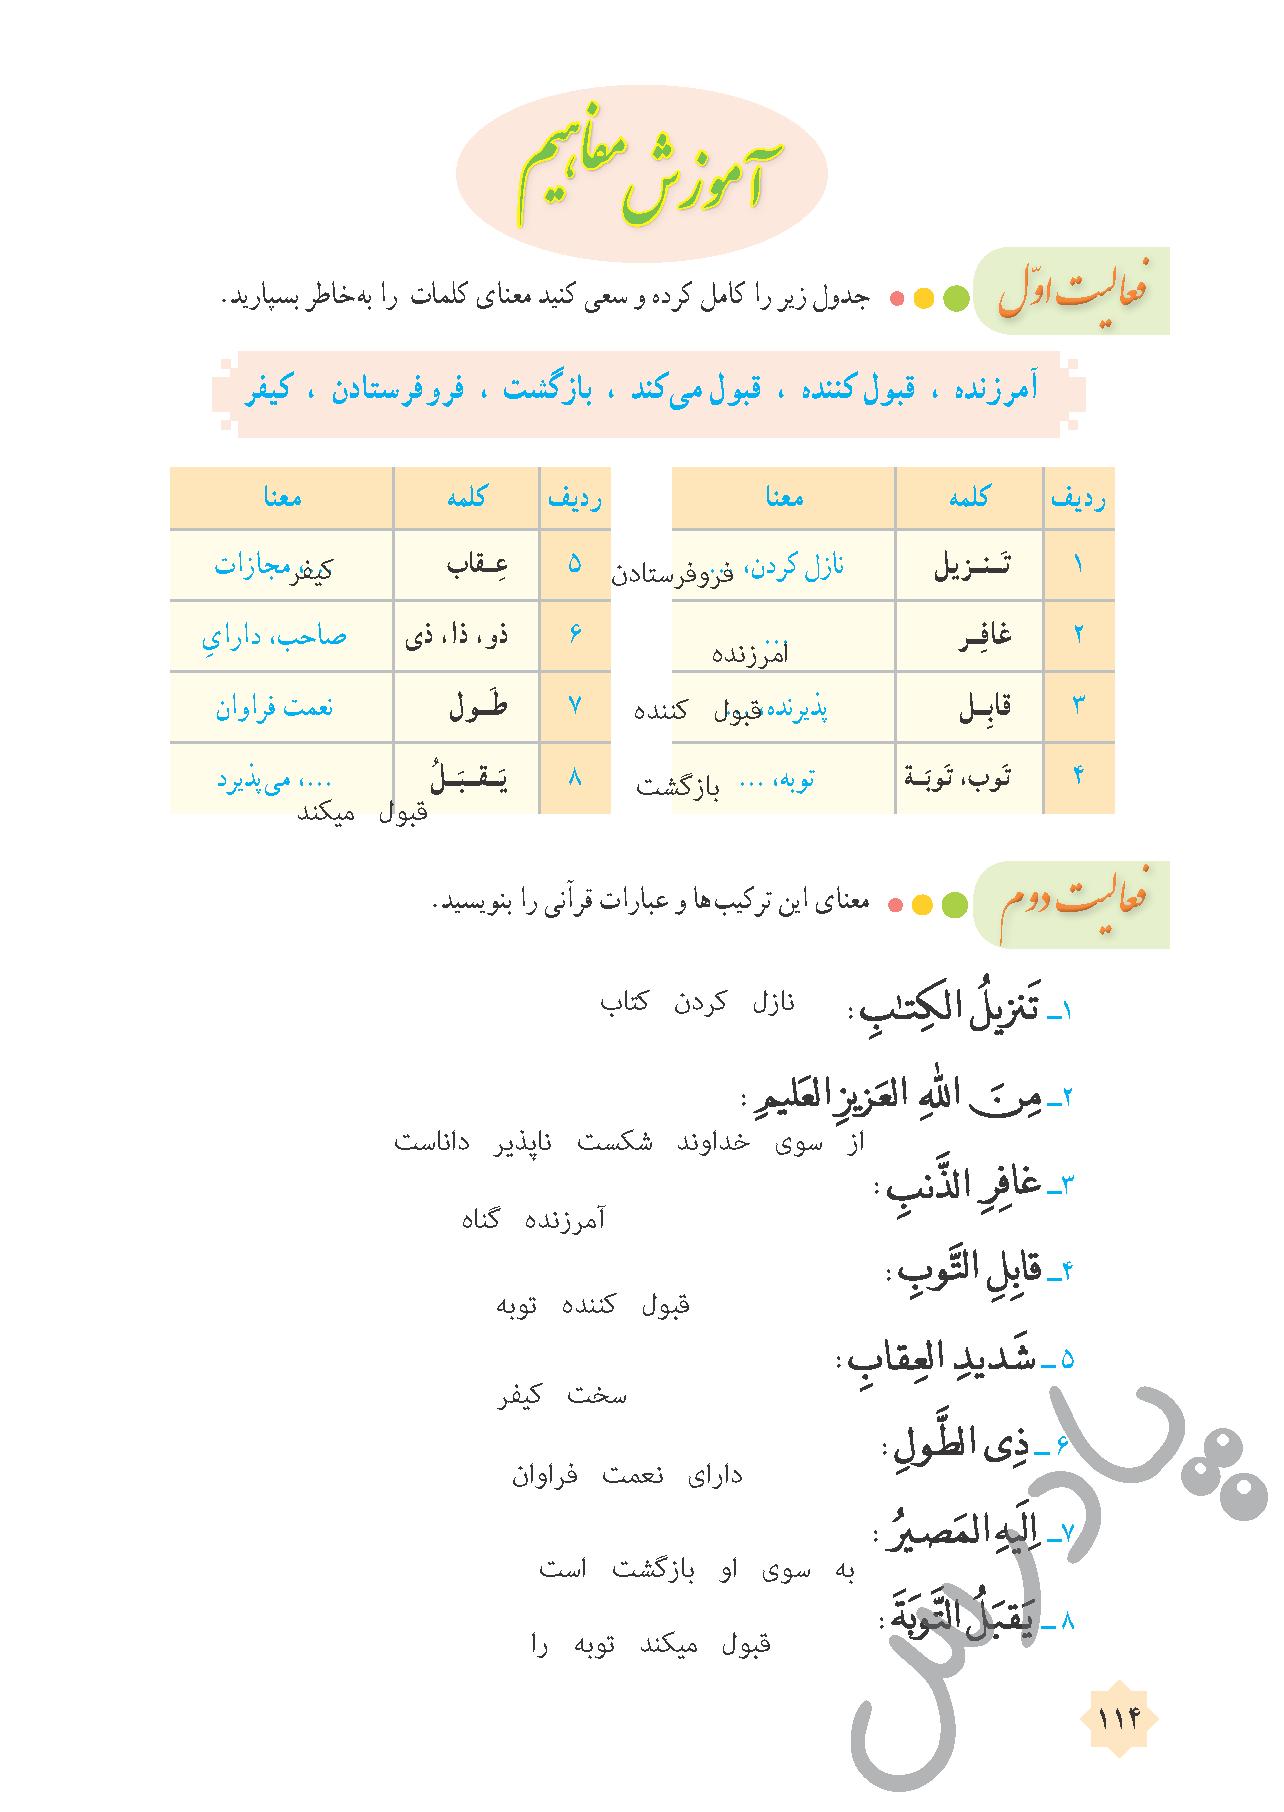 پاسخ فعالیت های درس 12 قرآن هشتم - جلسه اول